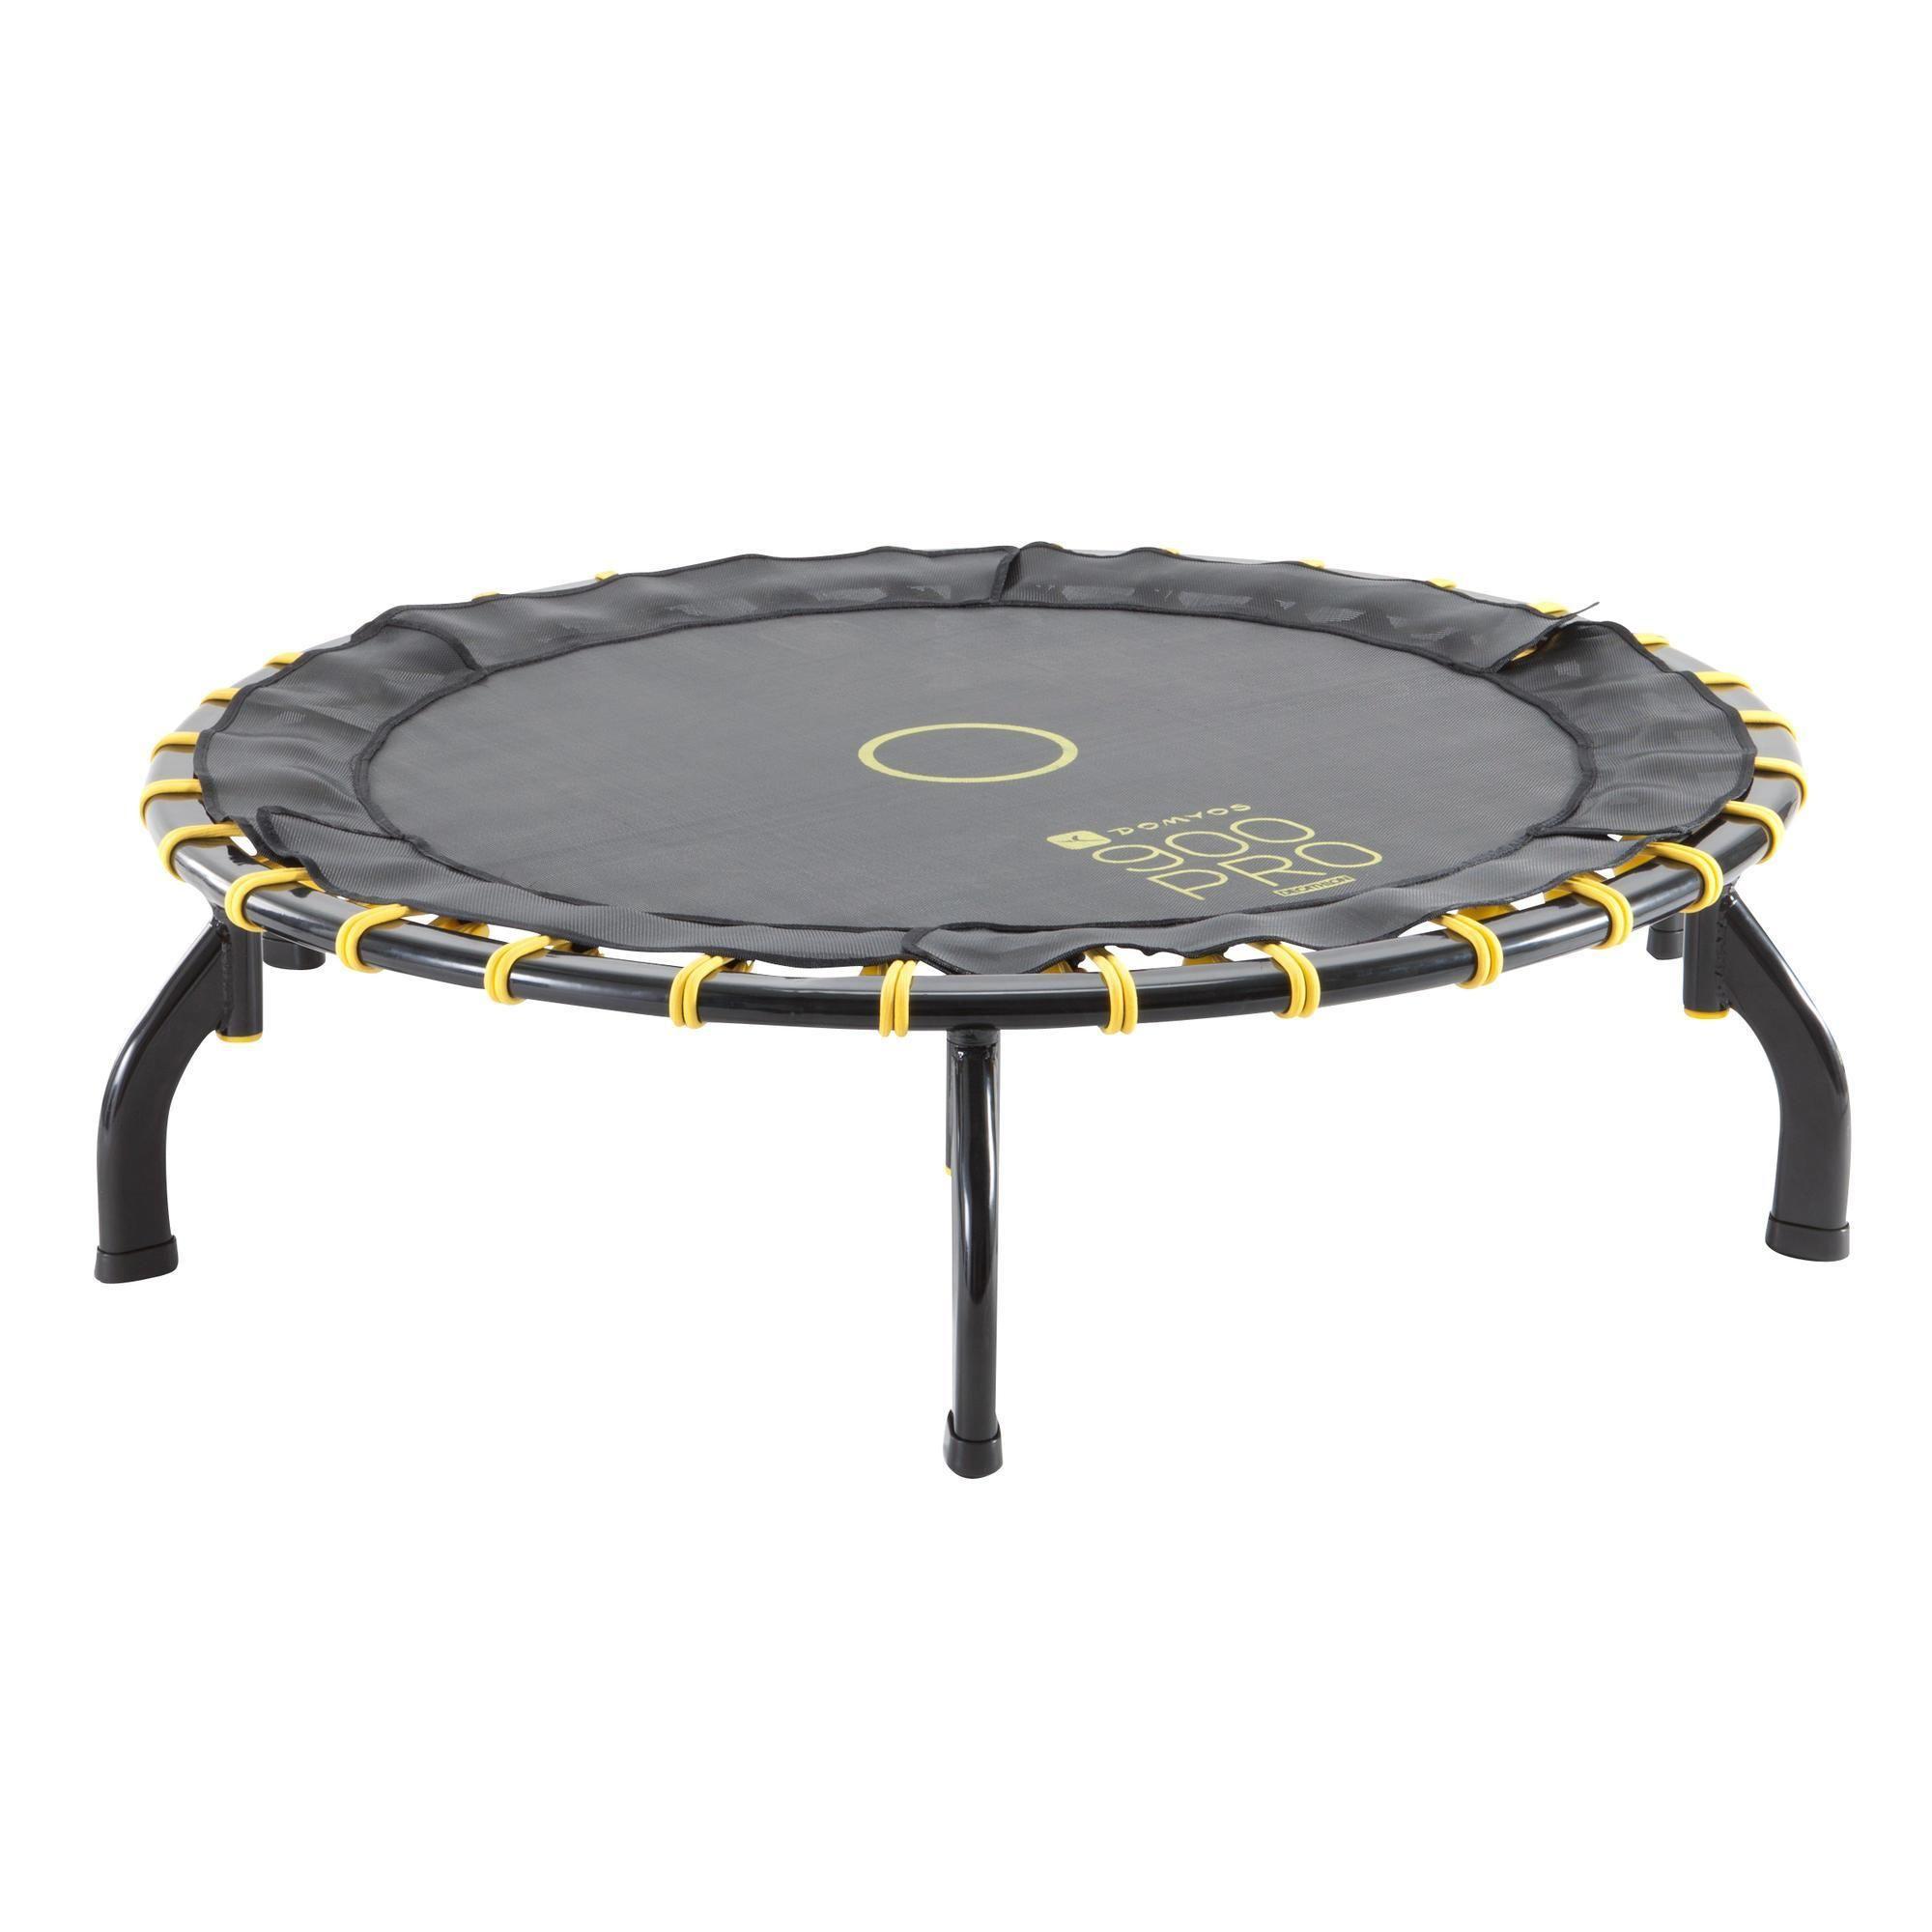 Meuble De Cuisine Decathlon trampoline 900 pro | idées trampoline, accessoires de sport